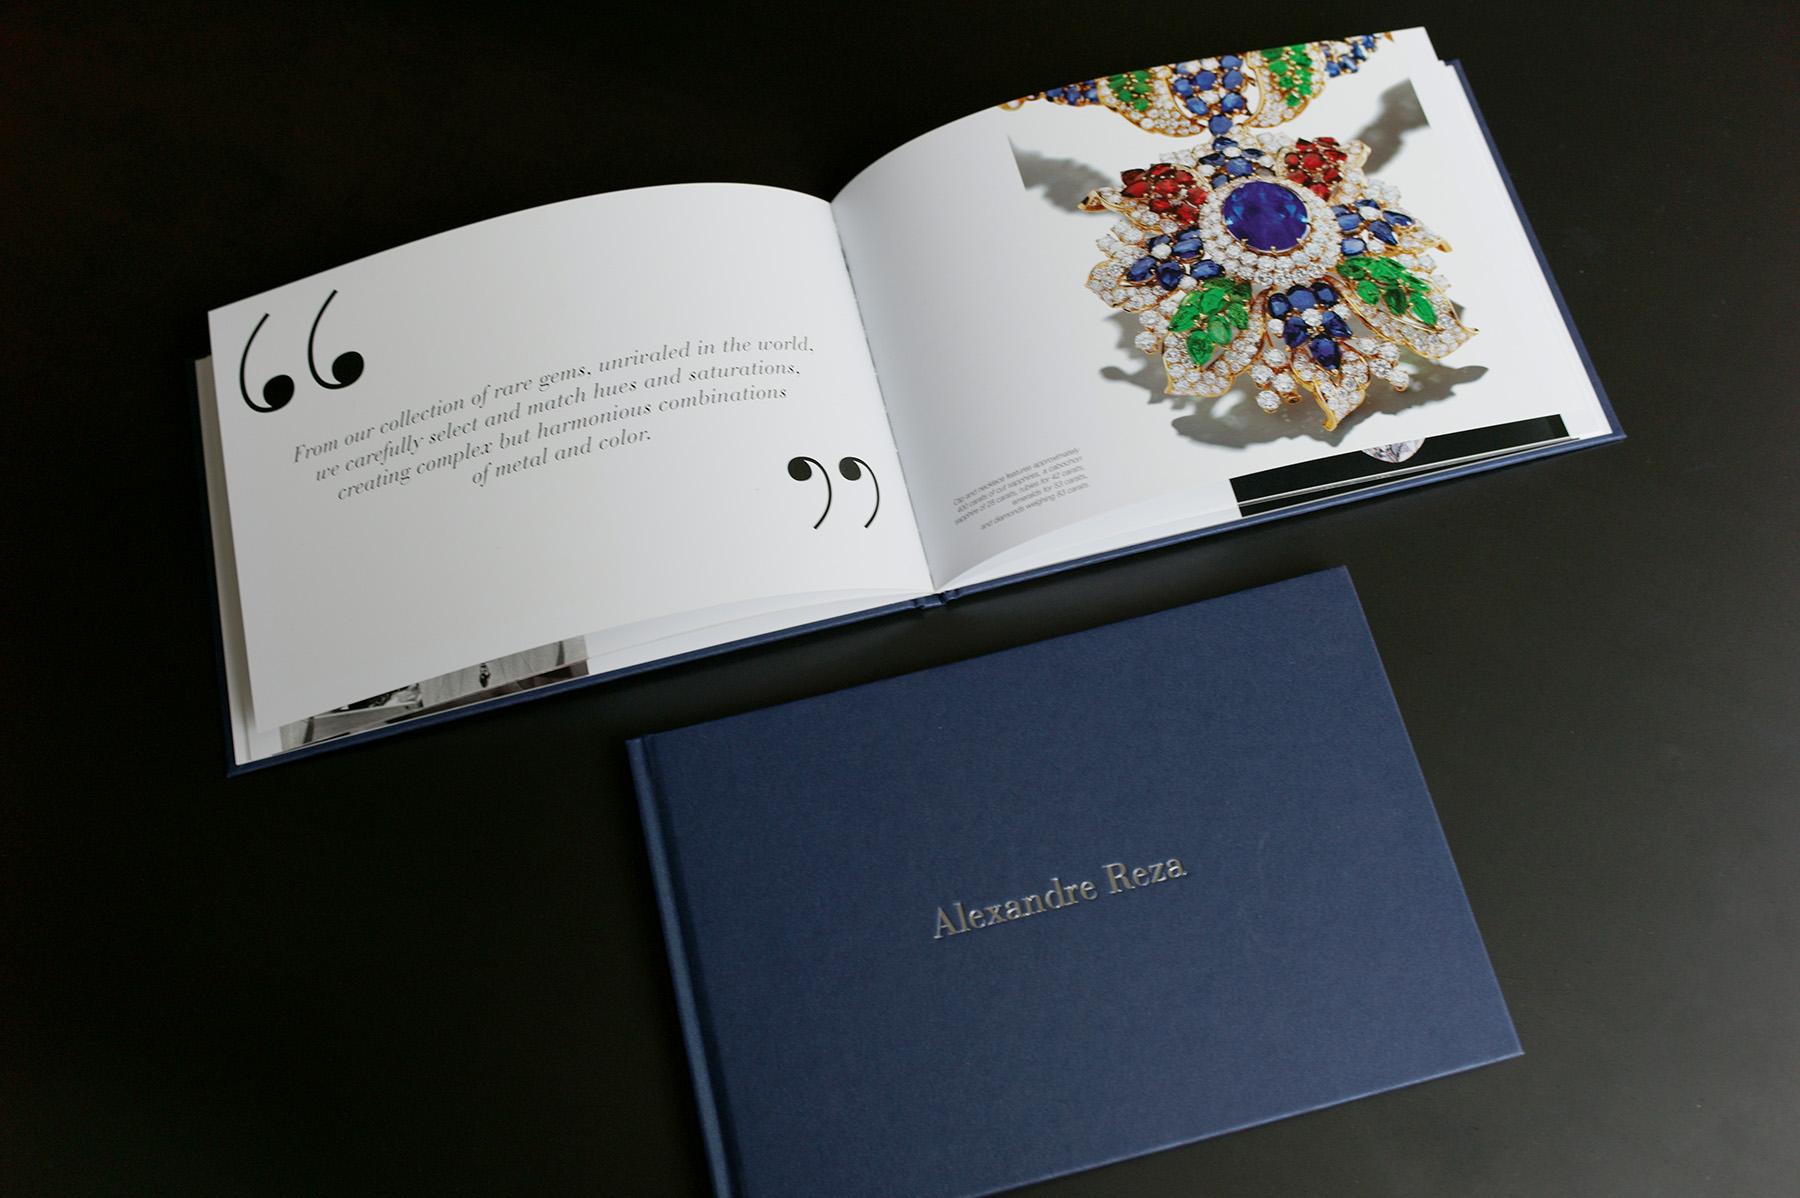 Création et fabrication de l'édition Over 60 years of Passion pour Alexandre Reza. Contenu de la page